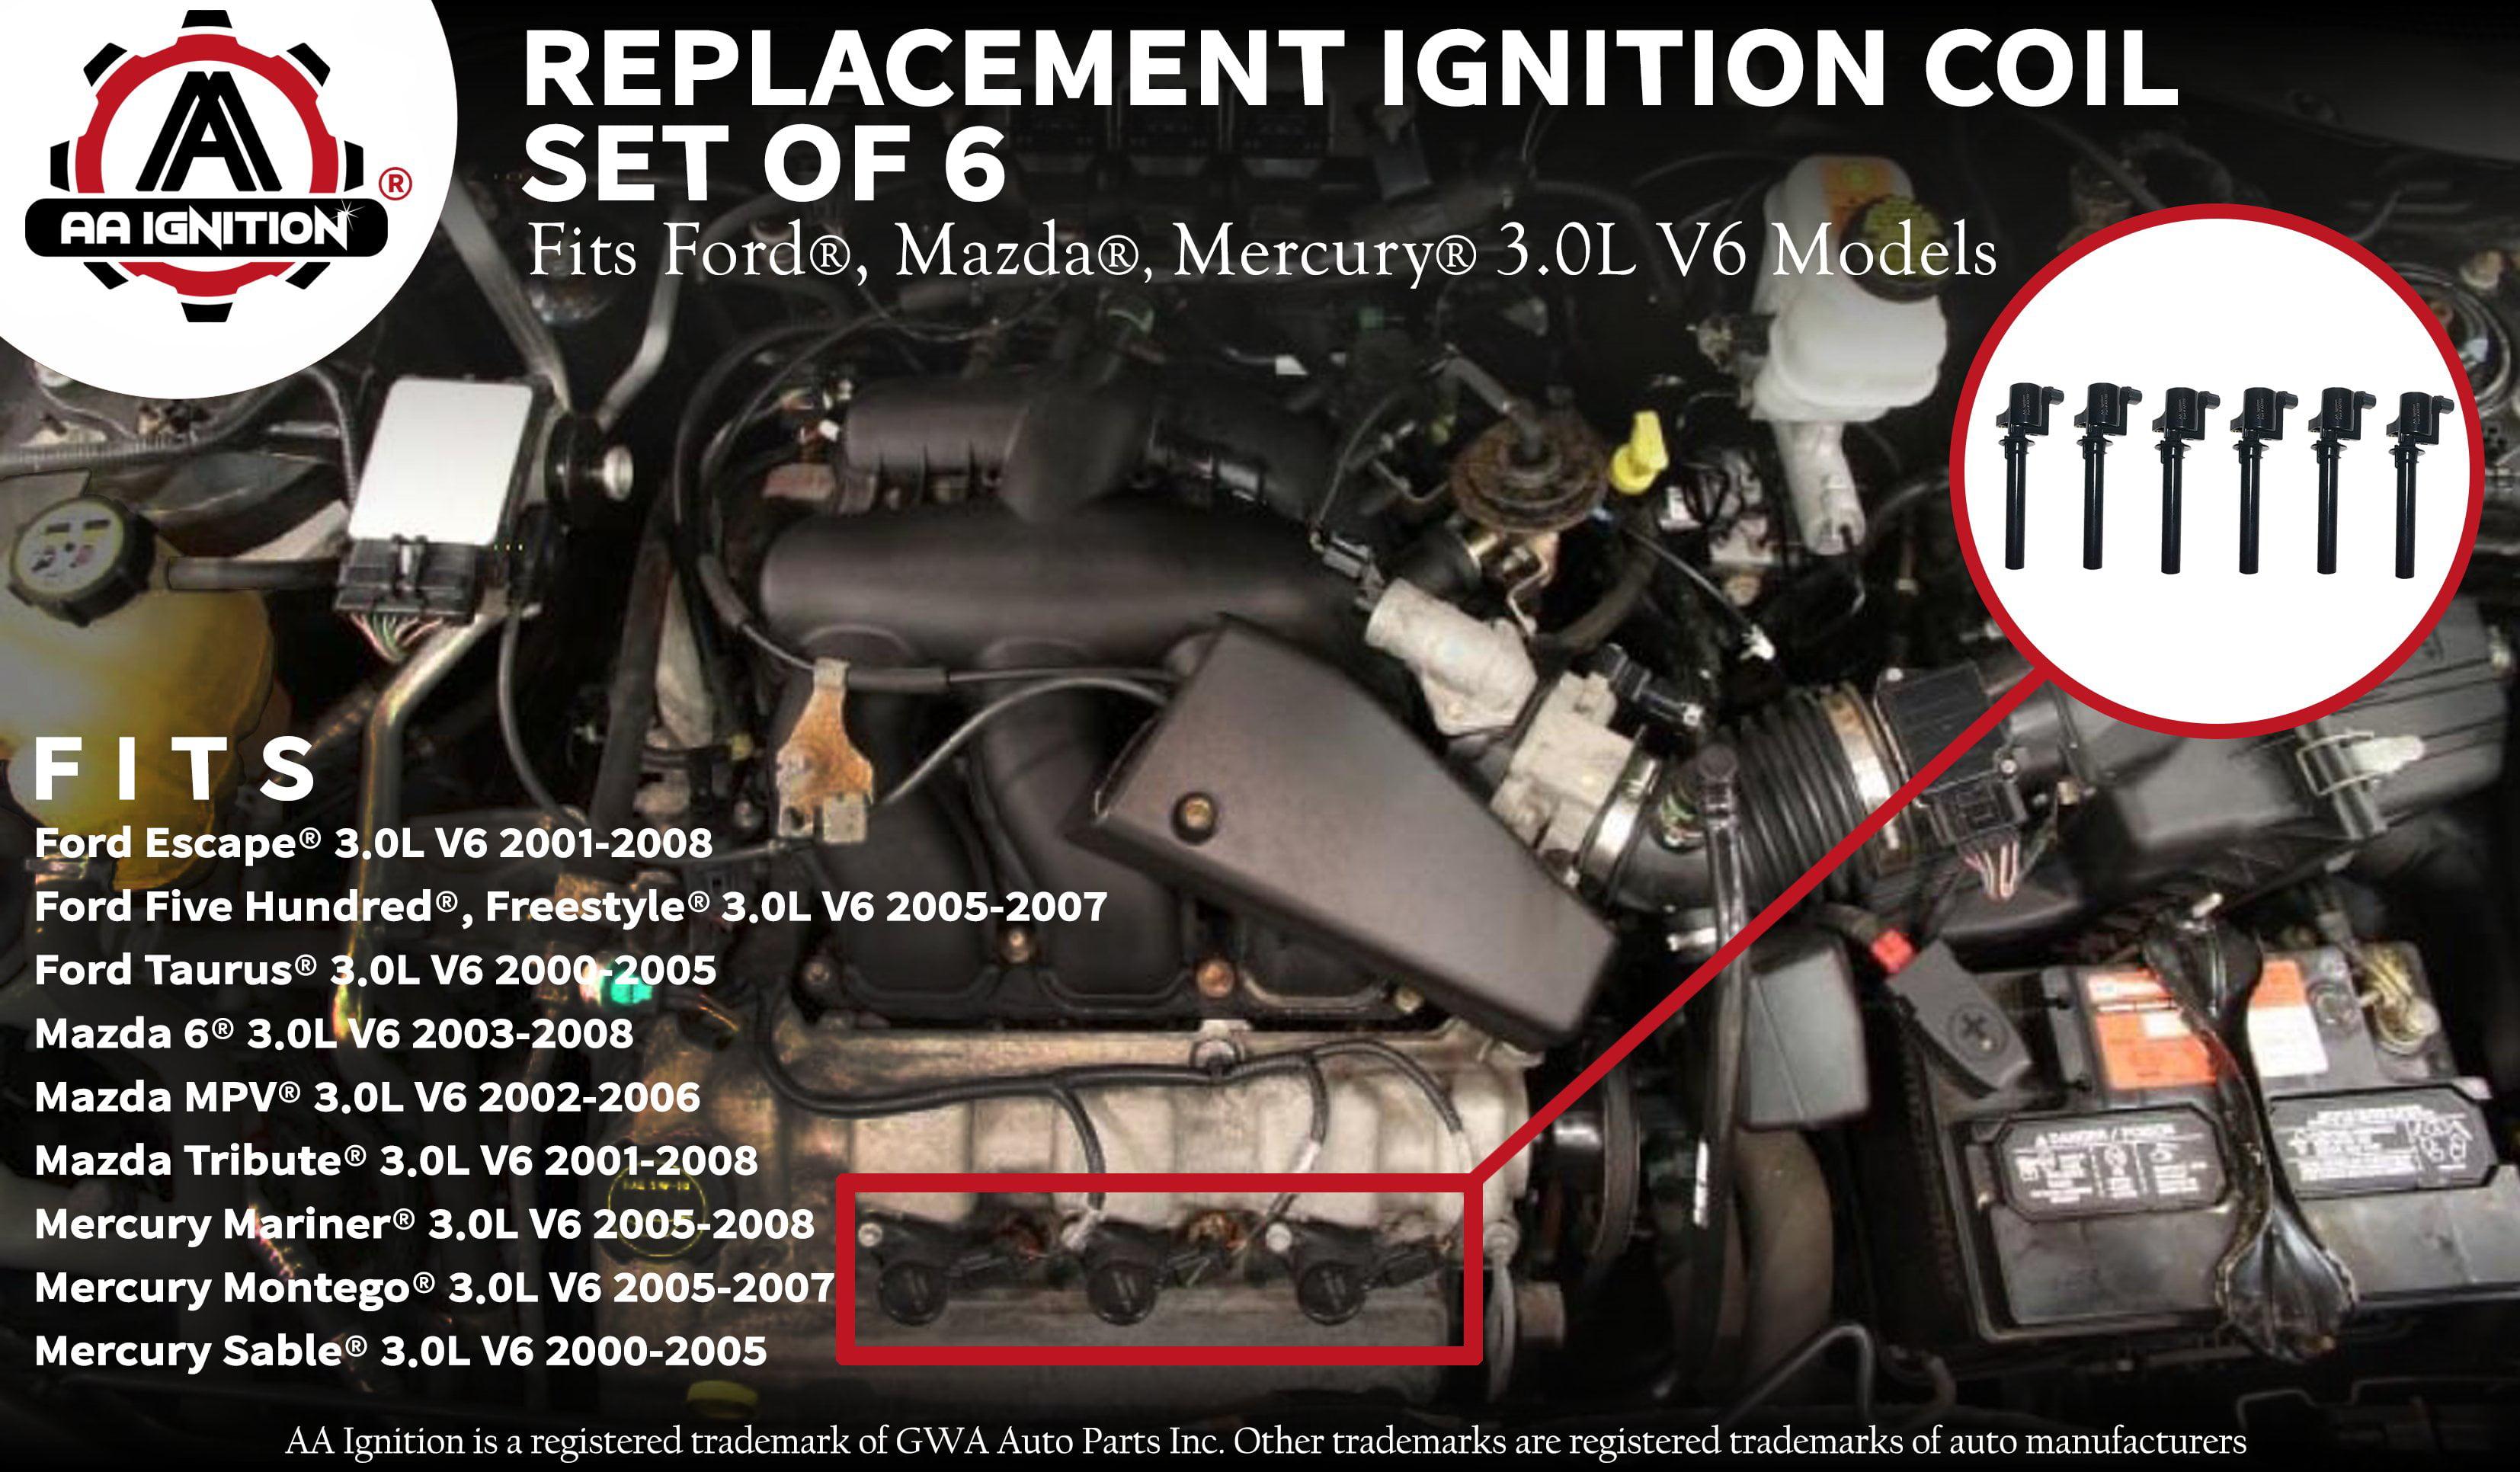 K/&N Filters Fits 2005-2007 Ford Mercury Hi-Flow Air Intake Filter